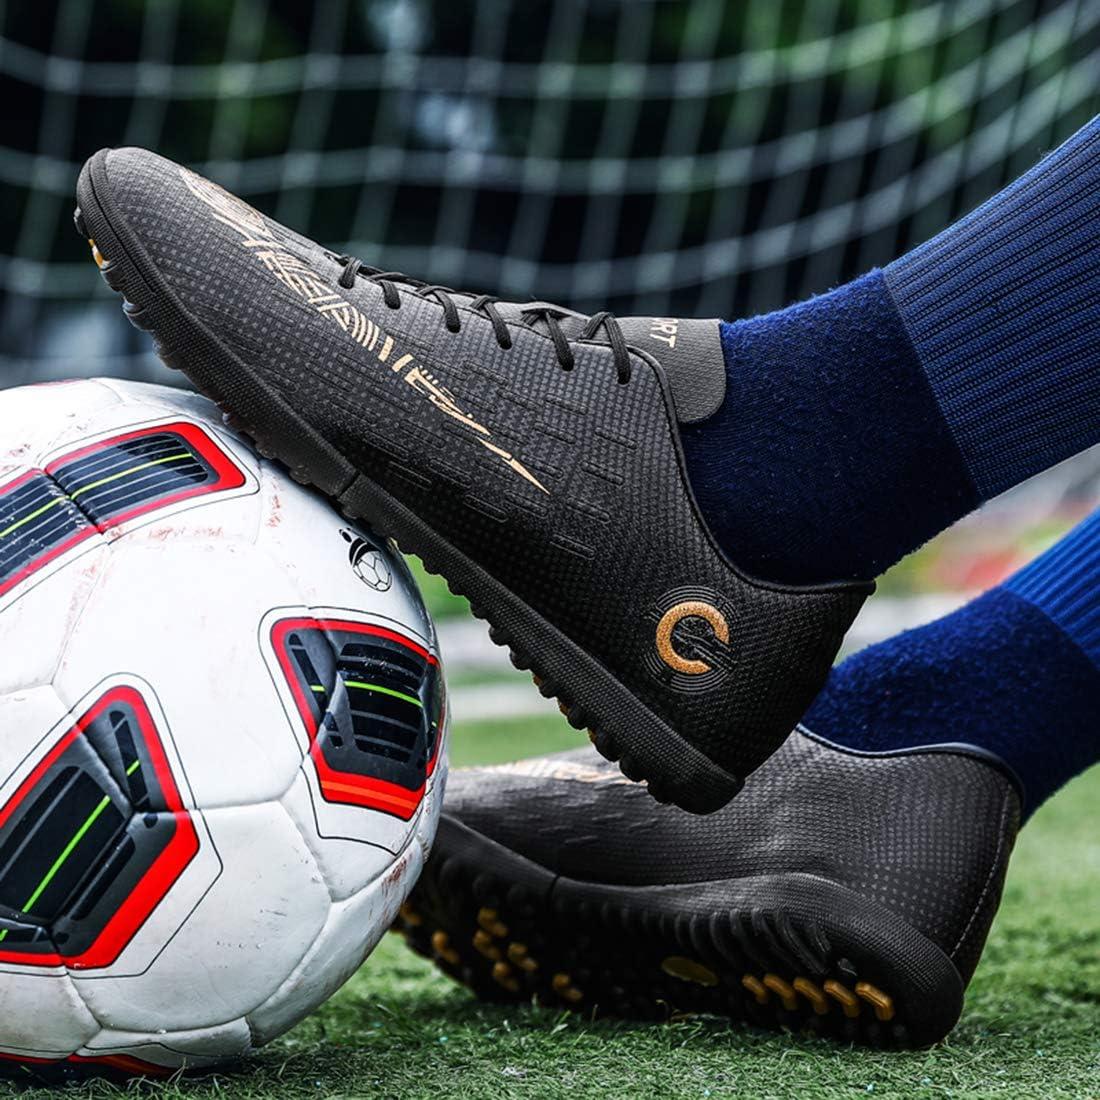 Topoption Chaussures de Football Homme Adulte Professionnel Antid/érapant Athl/étisme Entrainement Adolescents Chaussures de Sport Unsisexe